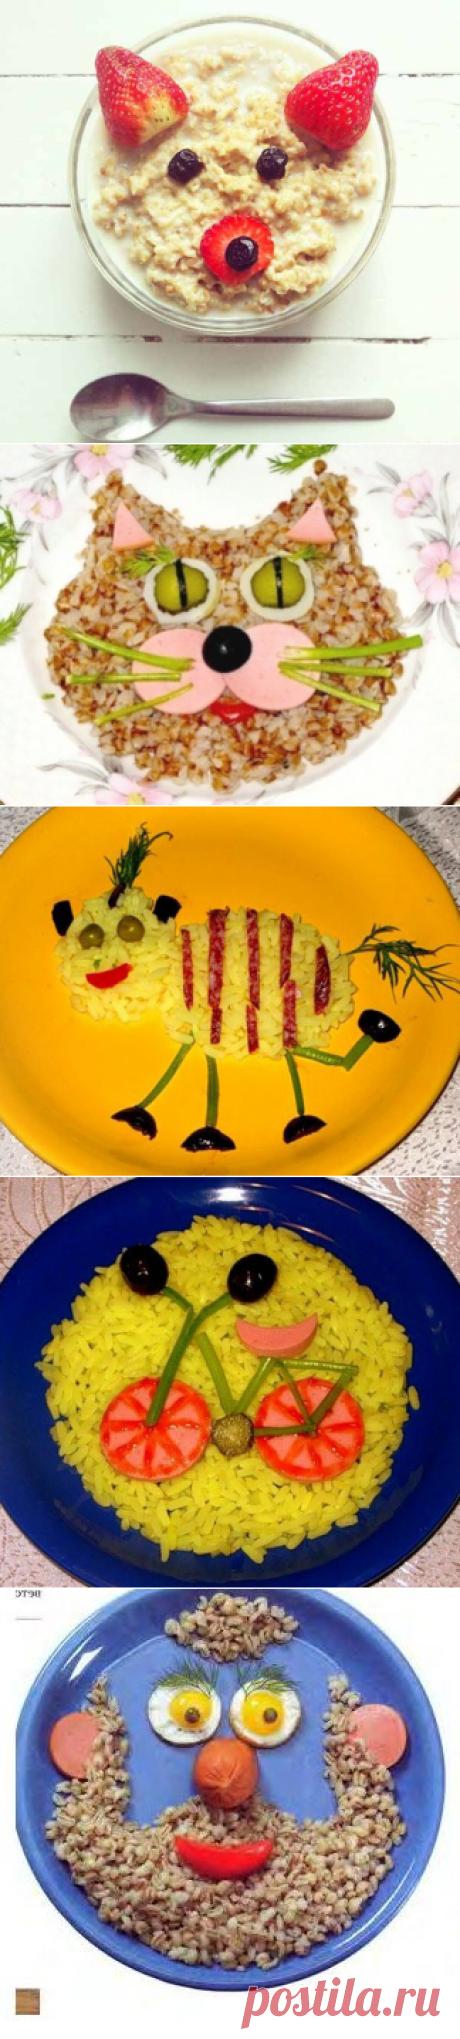 Как украсить кашу ребенку, идеи как оформить детские блюда, чтобы ребенок хорошо покушал